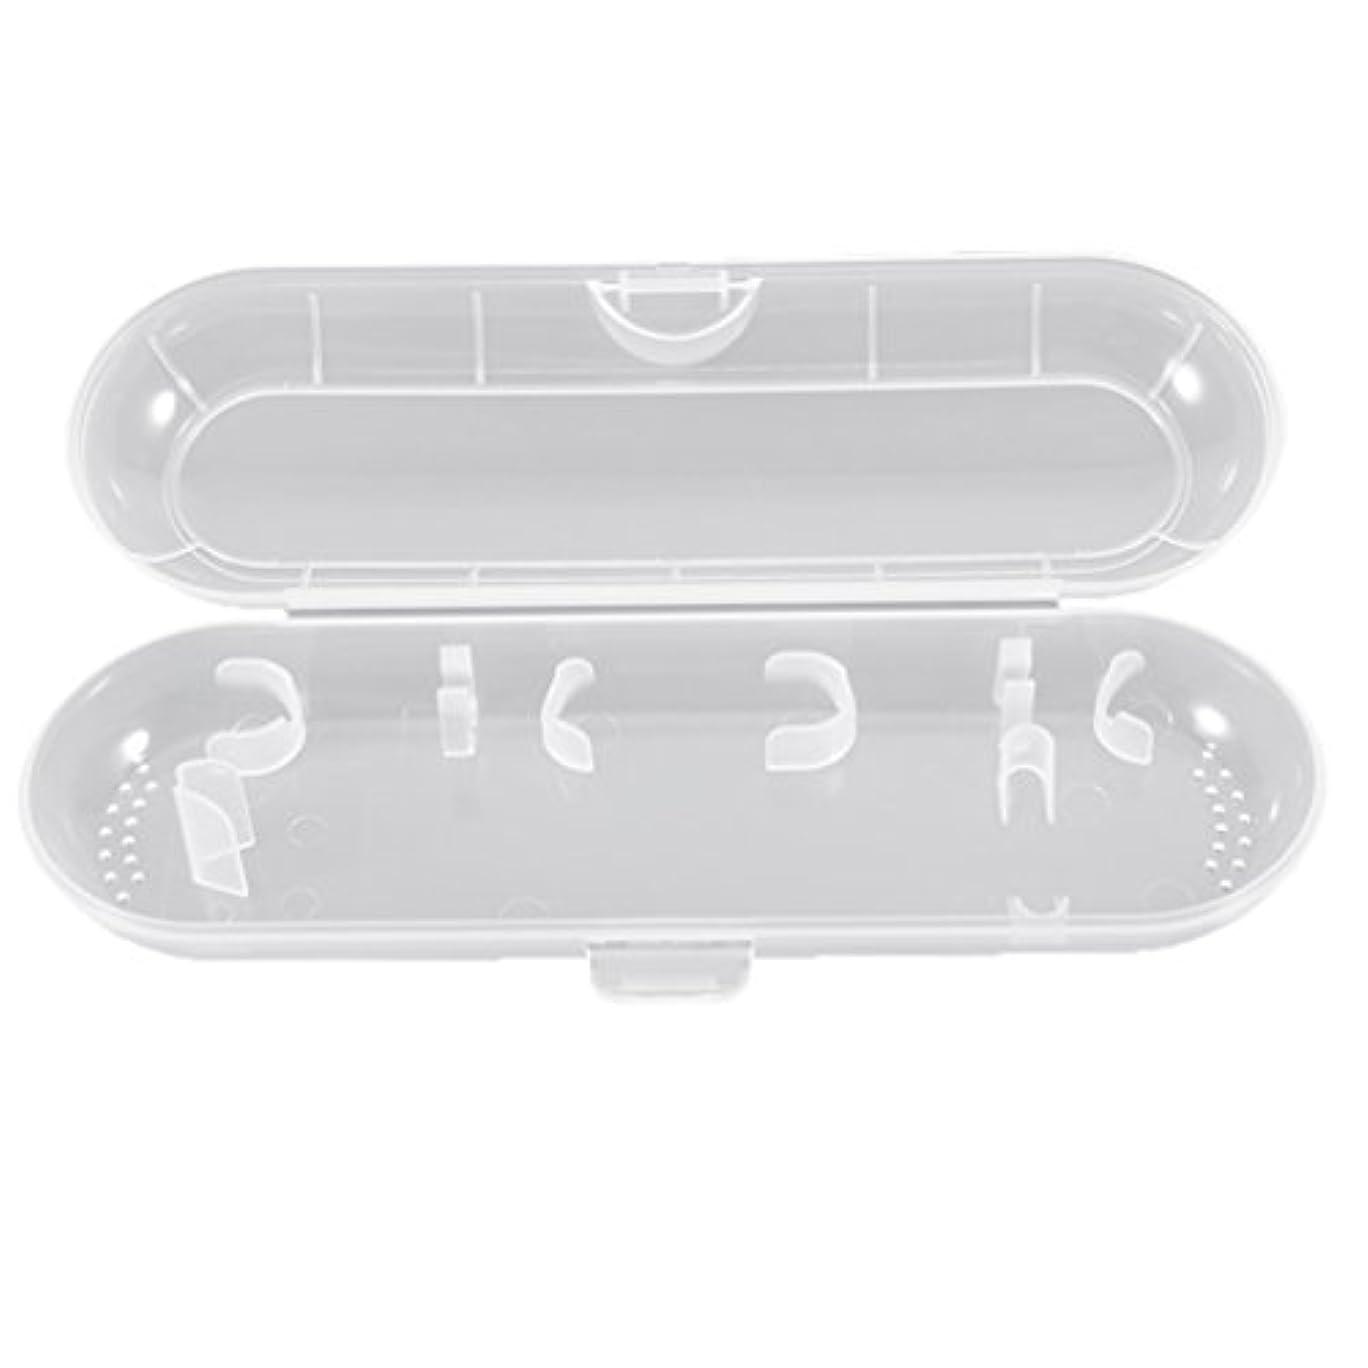 国家パラメータ対称Honel 透明 電動歯ブラシ収納ボックス プラスチック 電動歯ブラシケース 収納ケース ブラウン オーラルB対応